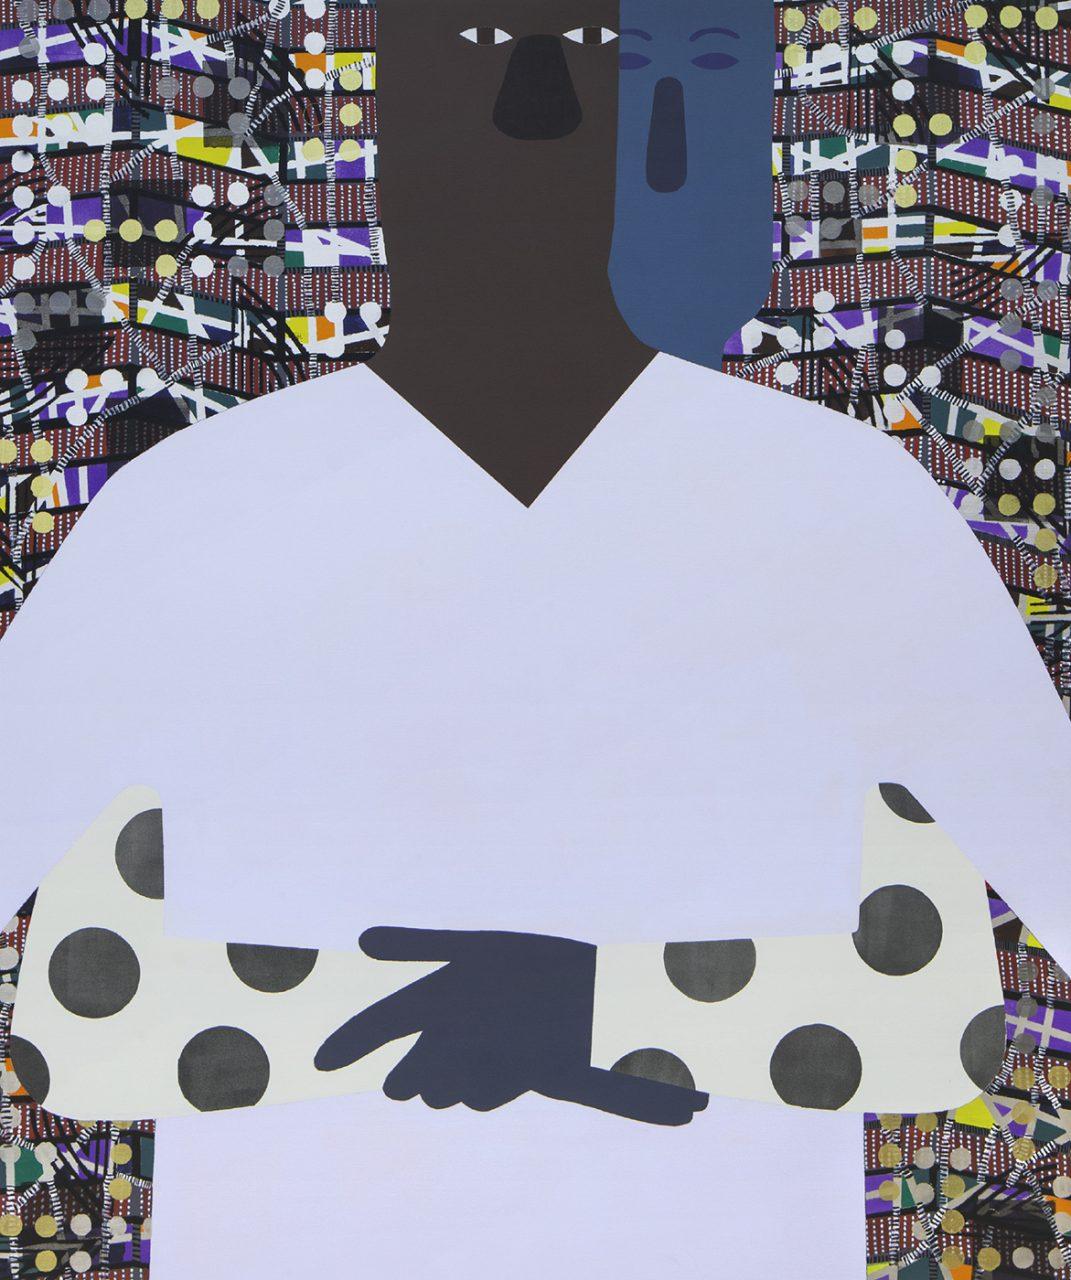 Mug & City II, 180 x 150 cm, 2015